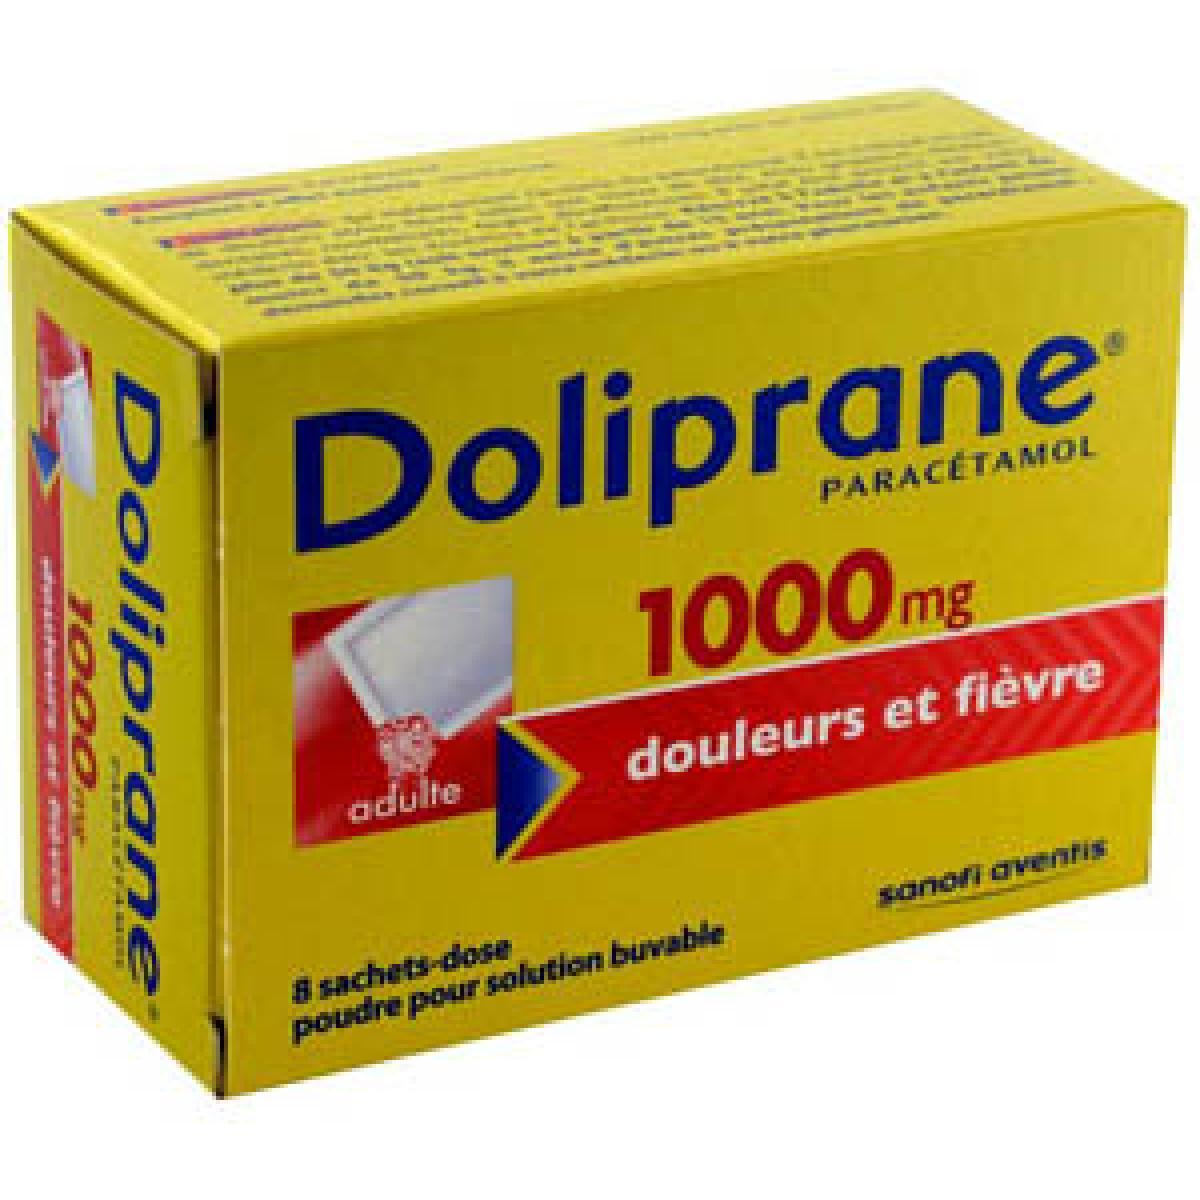 doliprane 1000mg 8 sachets buvables m dicaments pharmarket. Black Bedroom Furniture Sets. Home Design Ideas